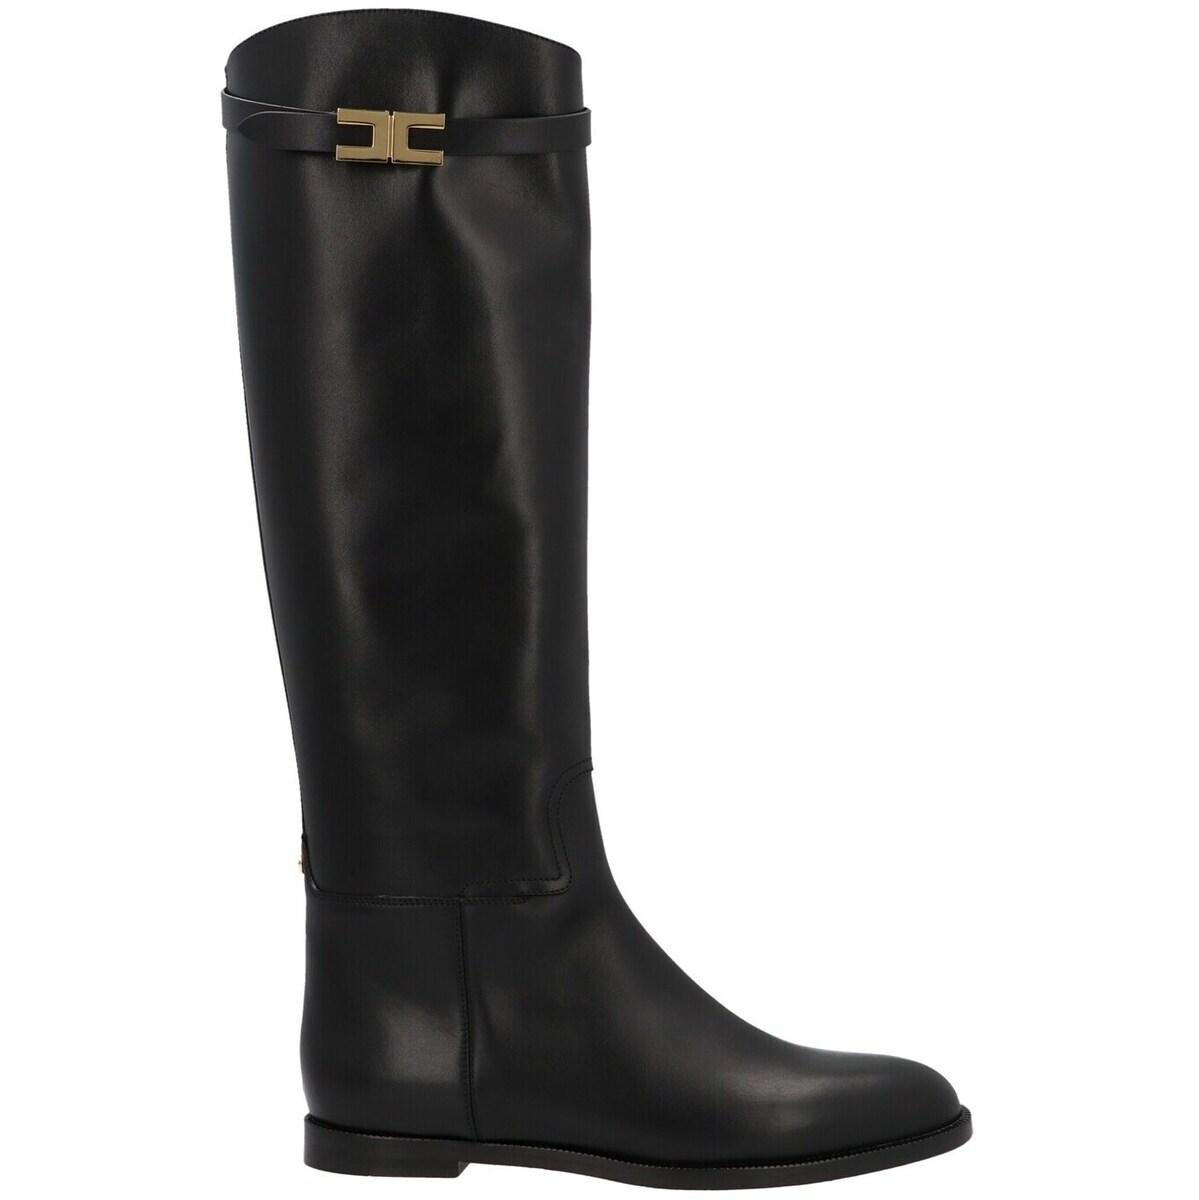 ブーツ, その他 ELISABETTA FRANCHI Black Riding boots 2021 SA39C16E2110 ju